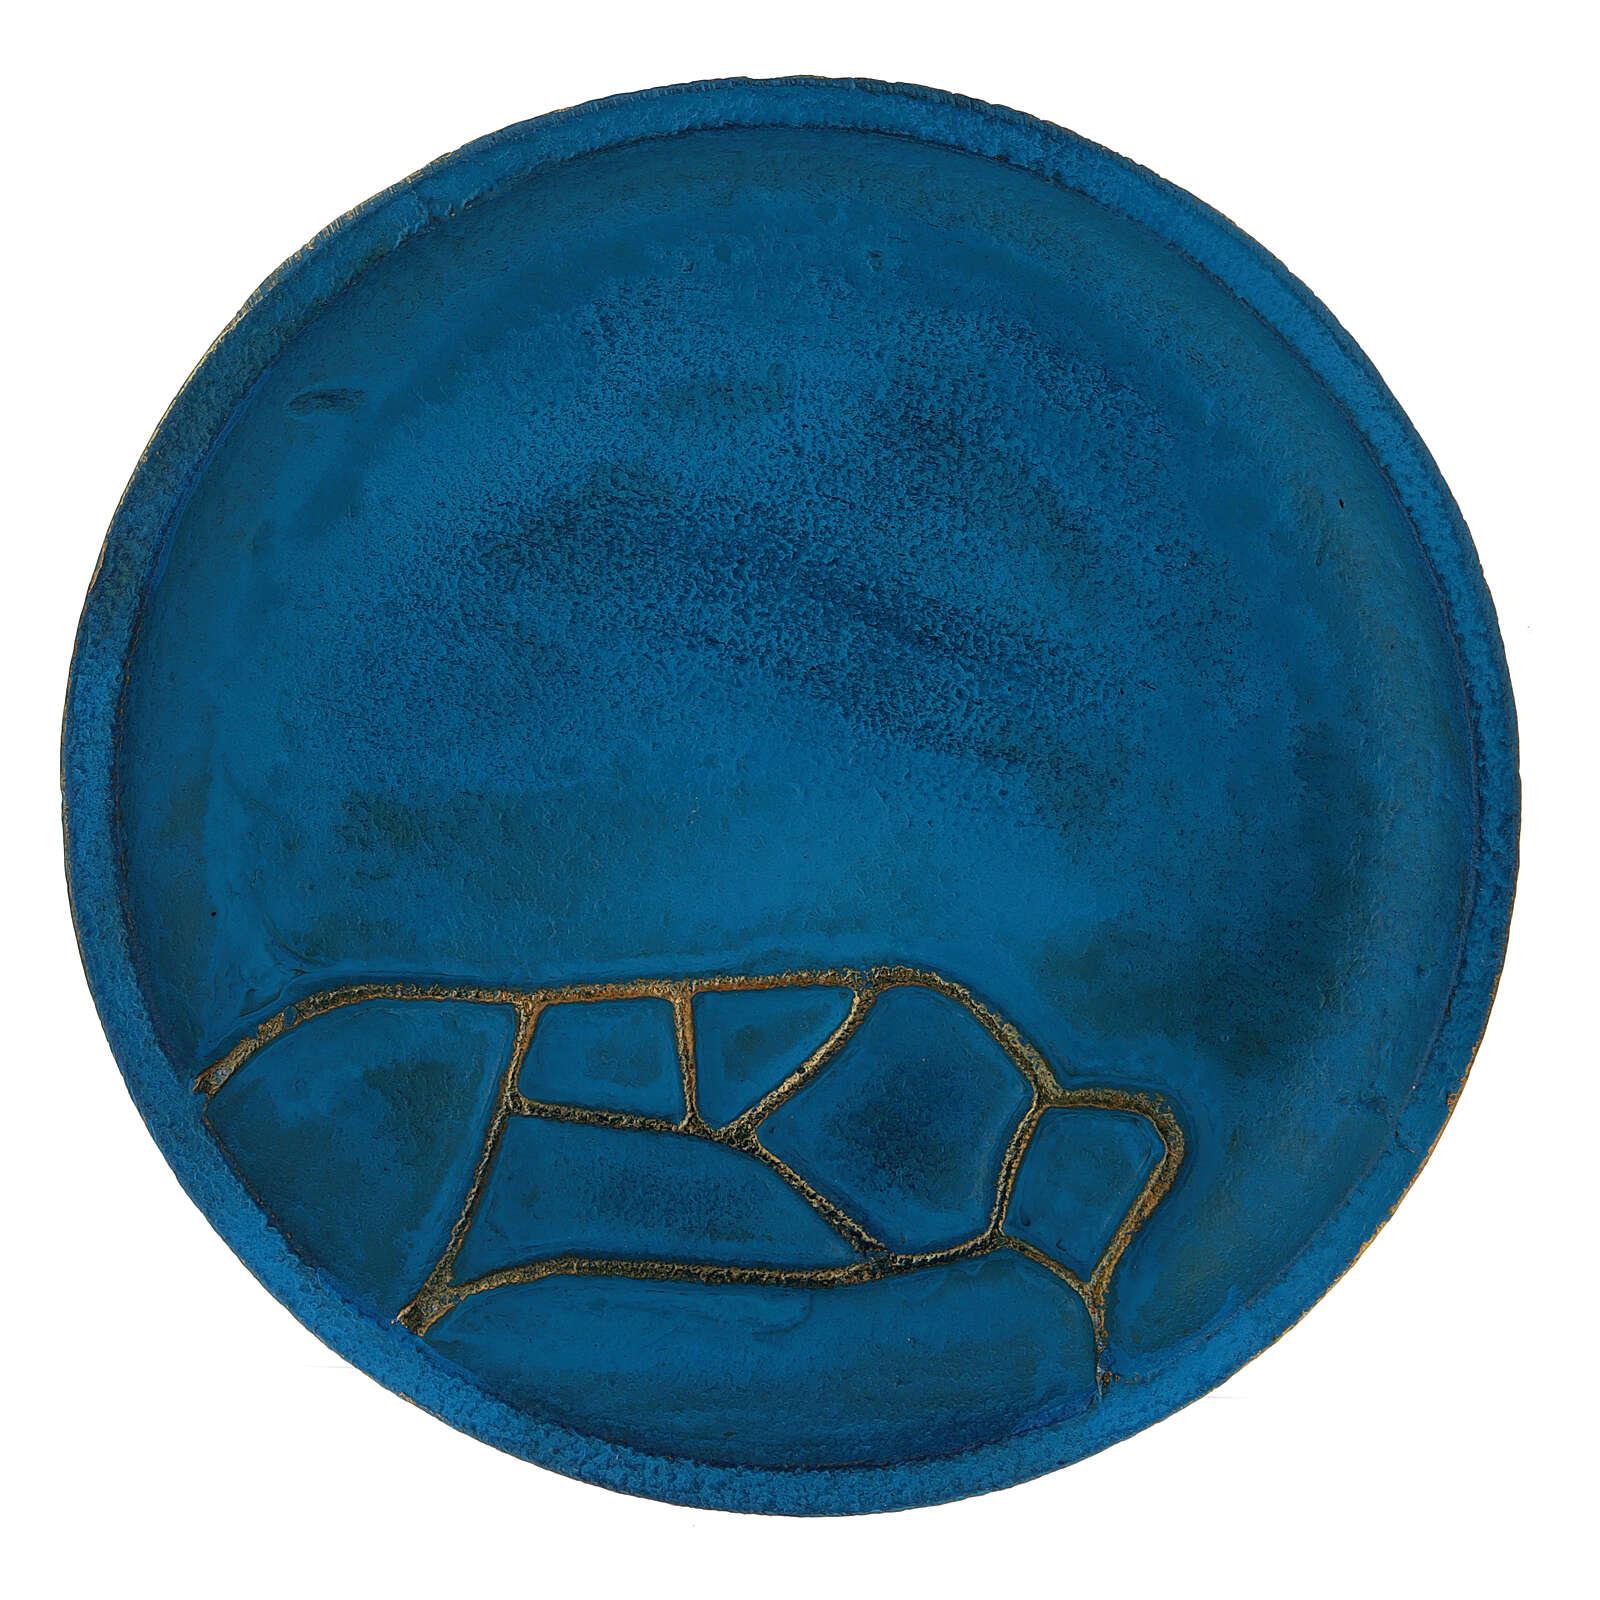 Assiette porte-bougie turquoise diam. 14 cm aluminium 3